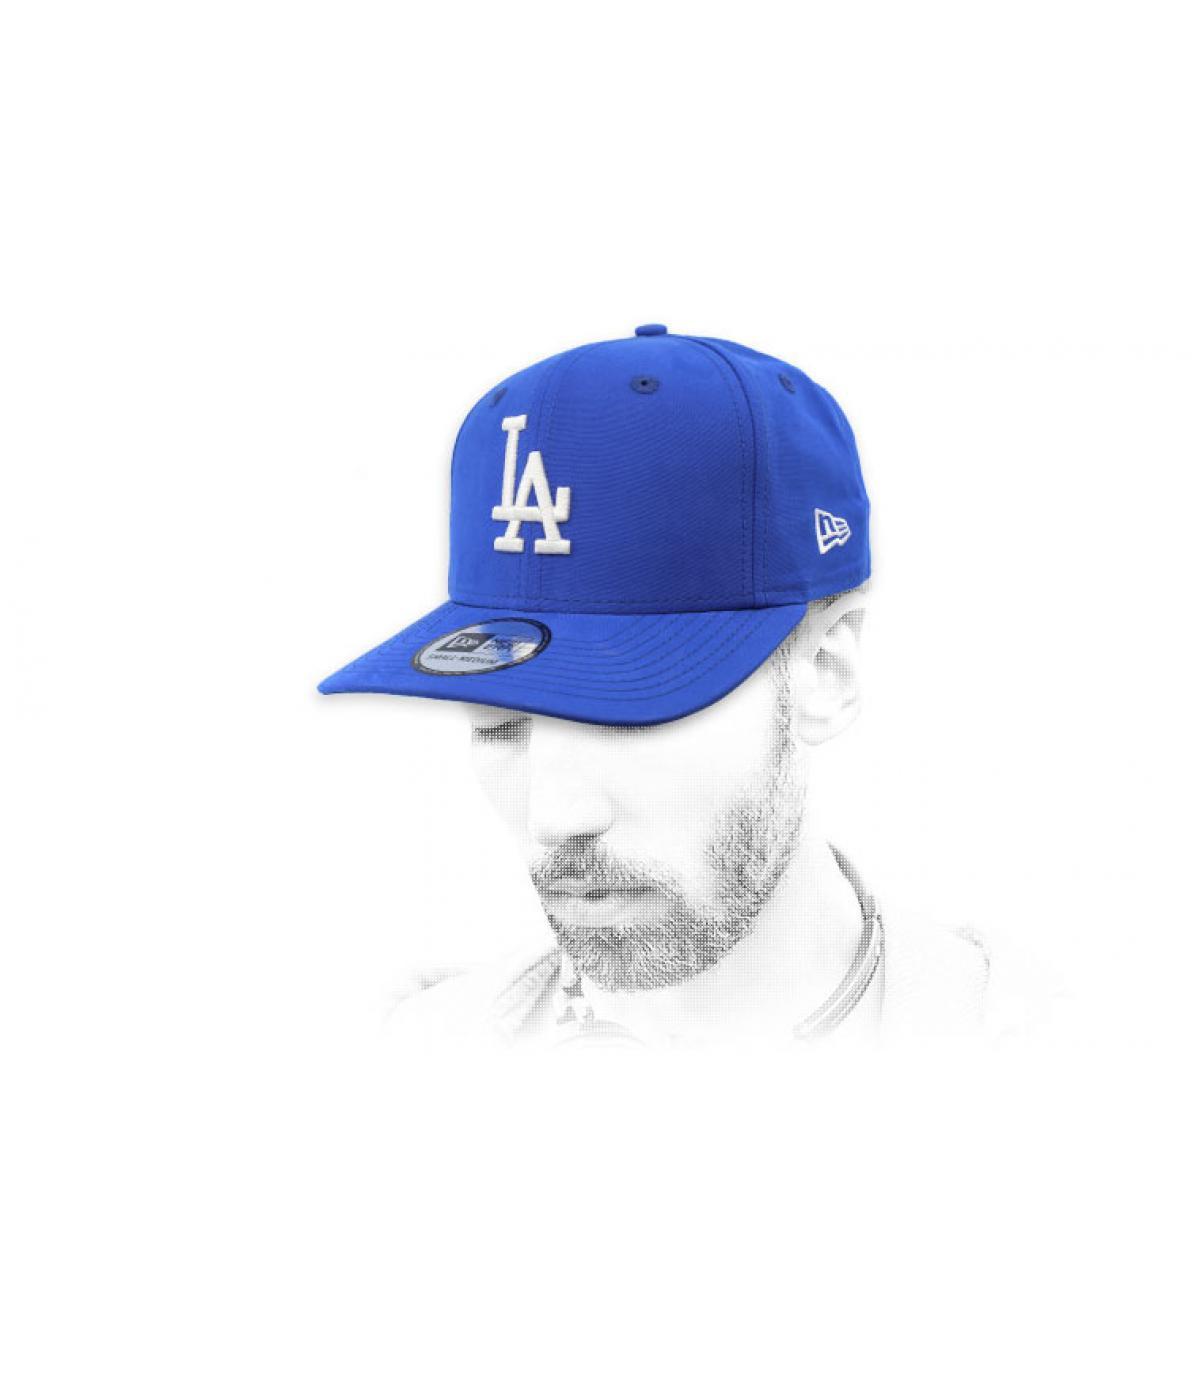 water repellent blue LA cap